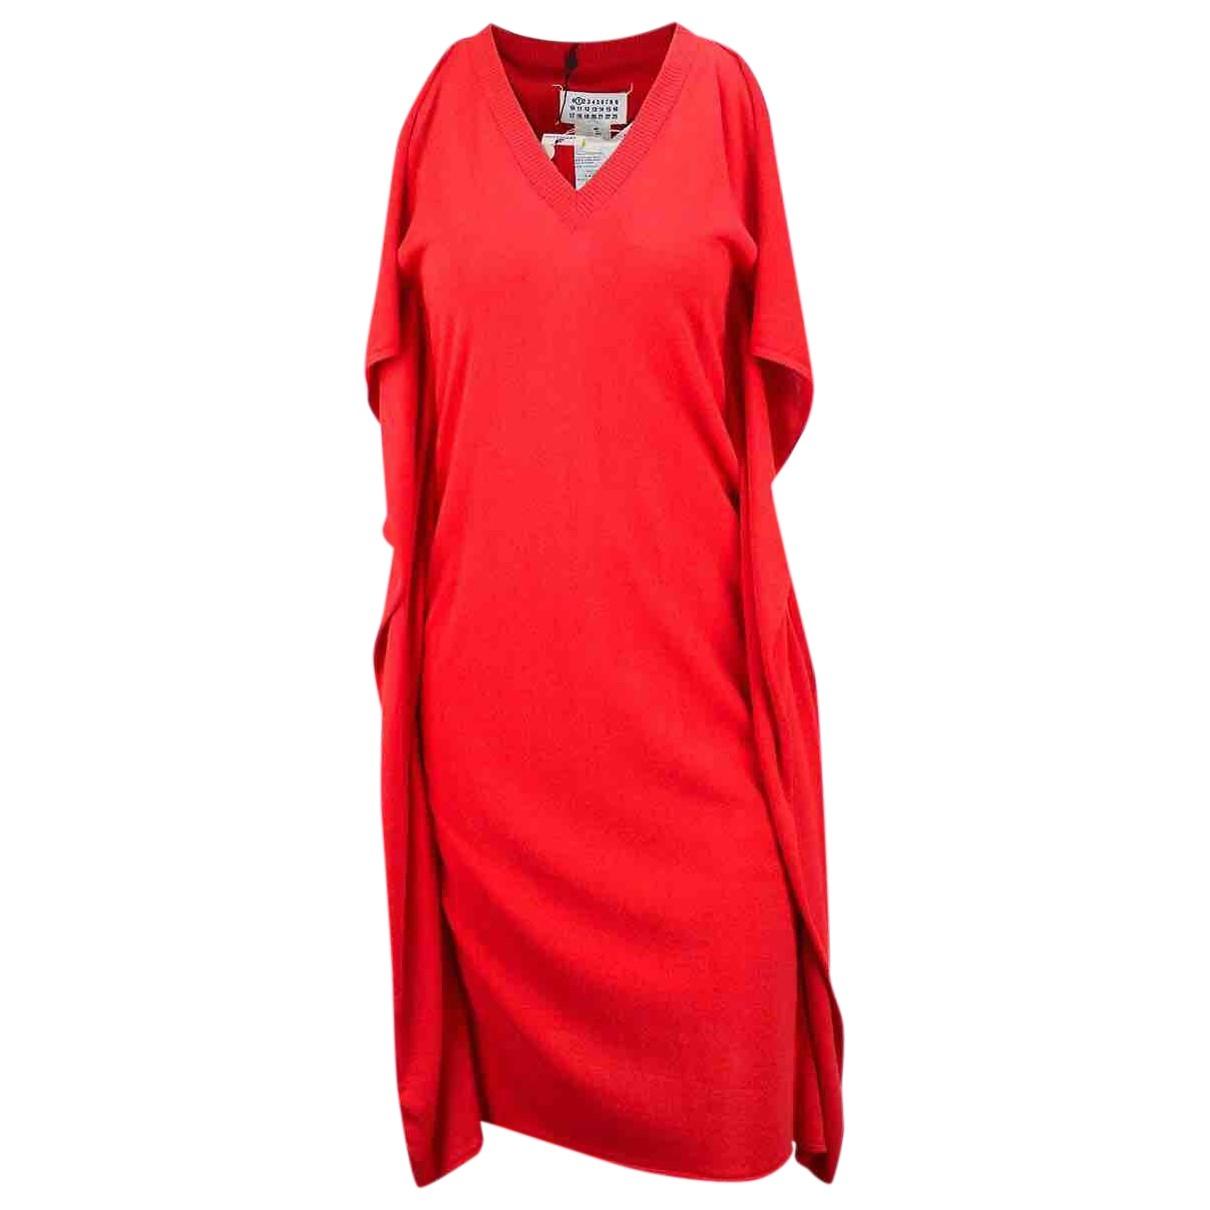 Maison Martin Margiela - Robe   pour femme en coton - rouge